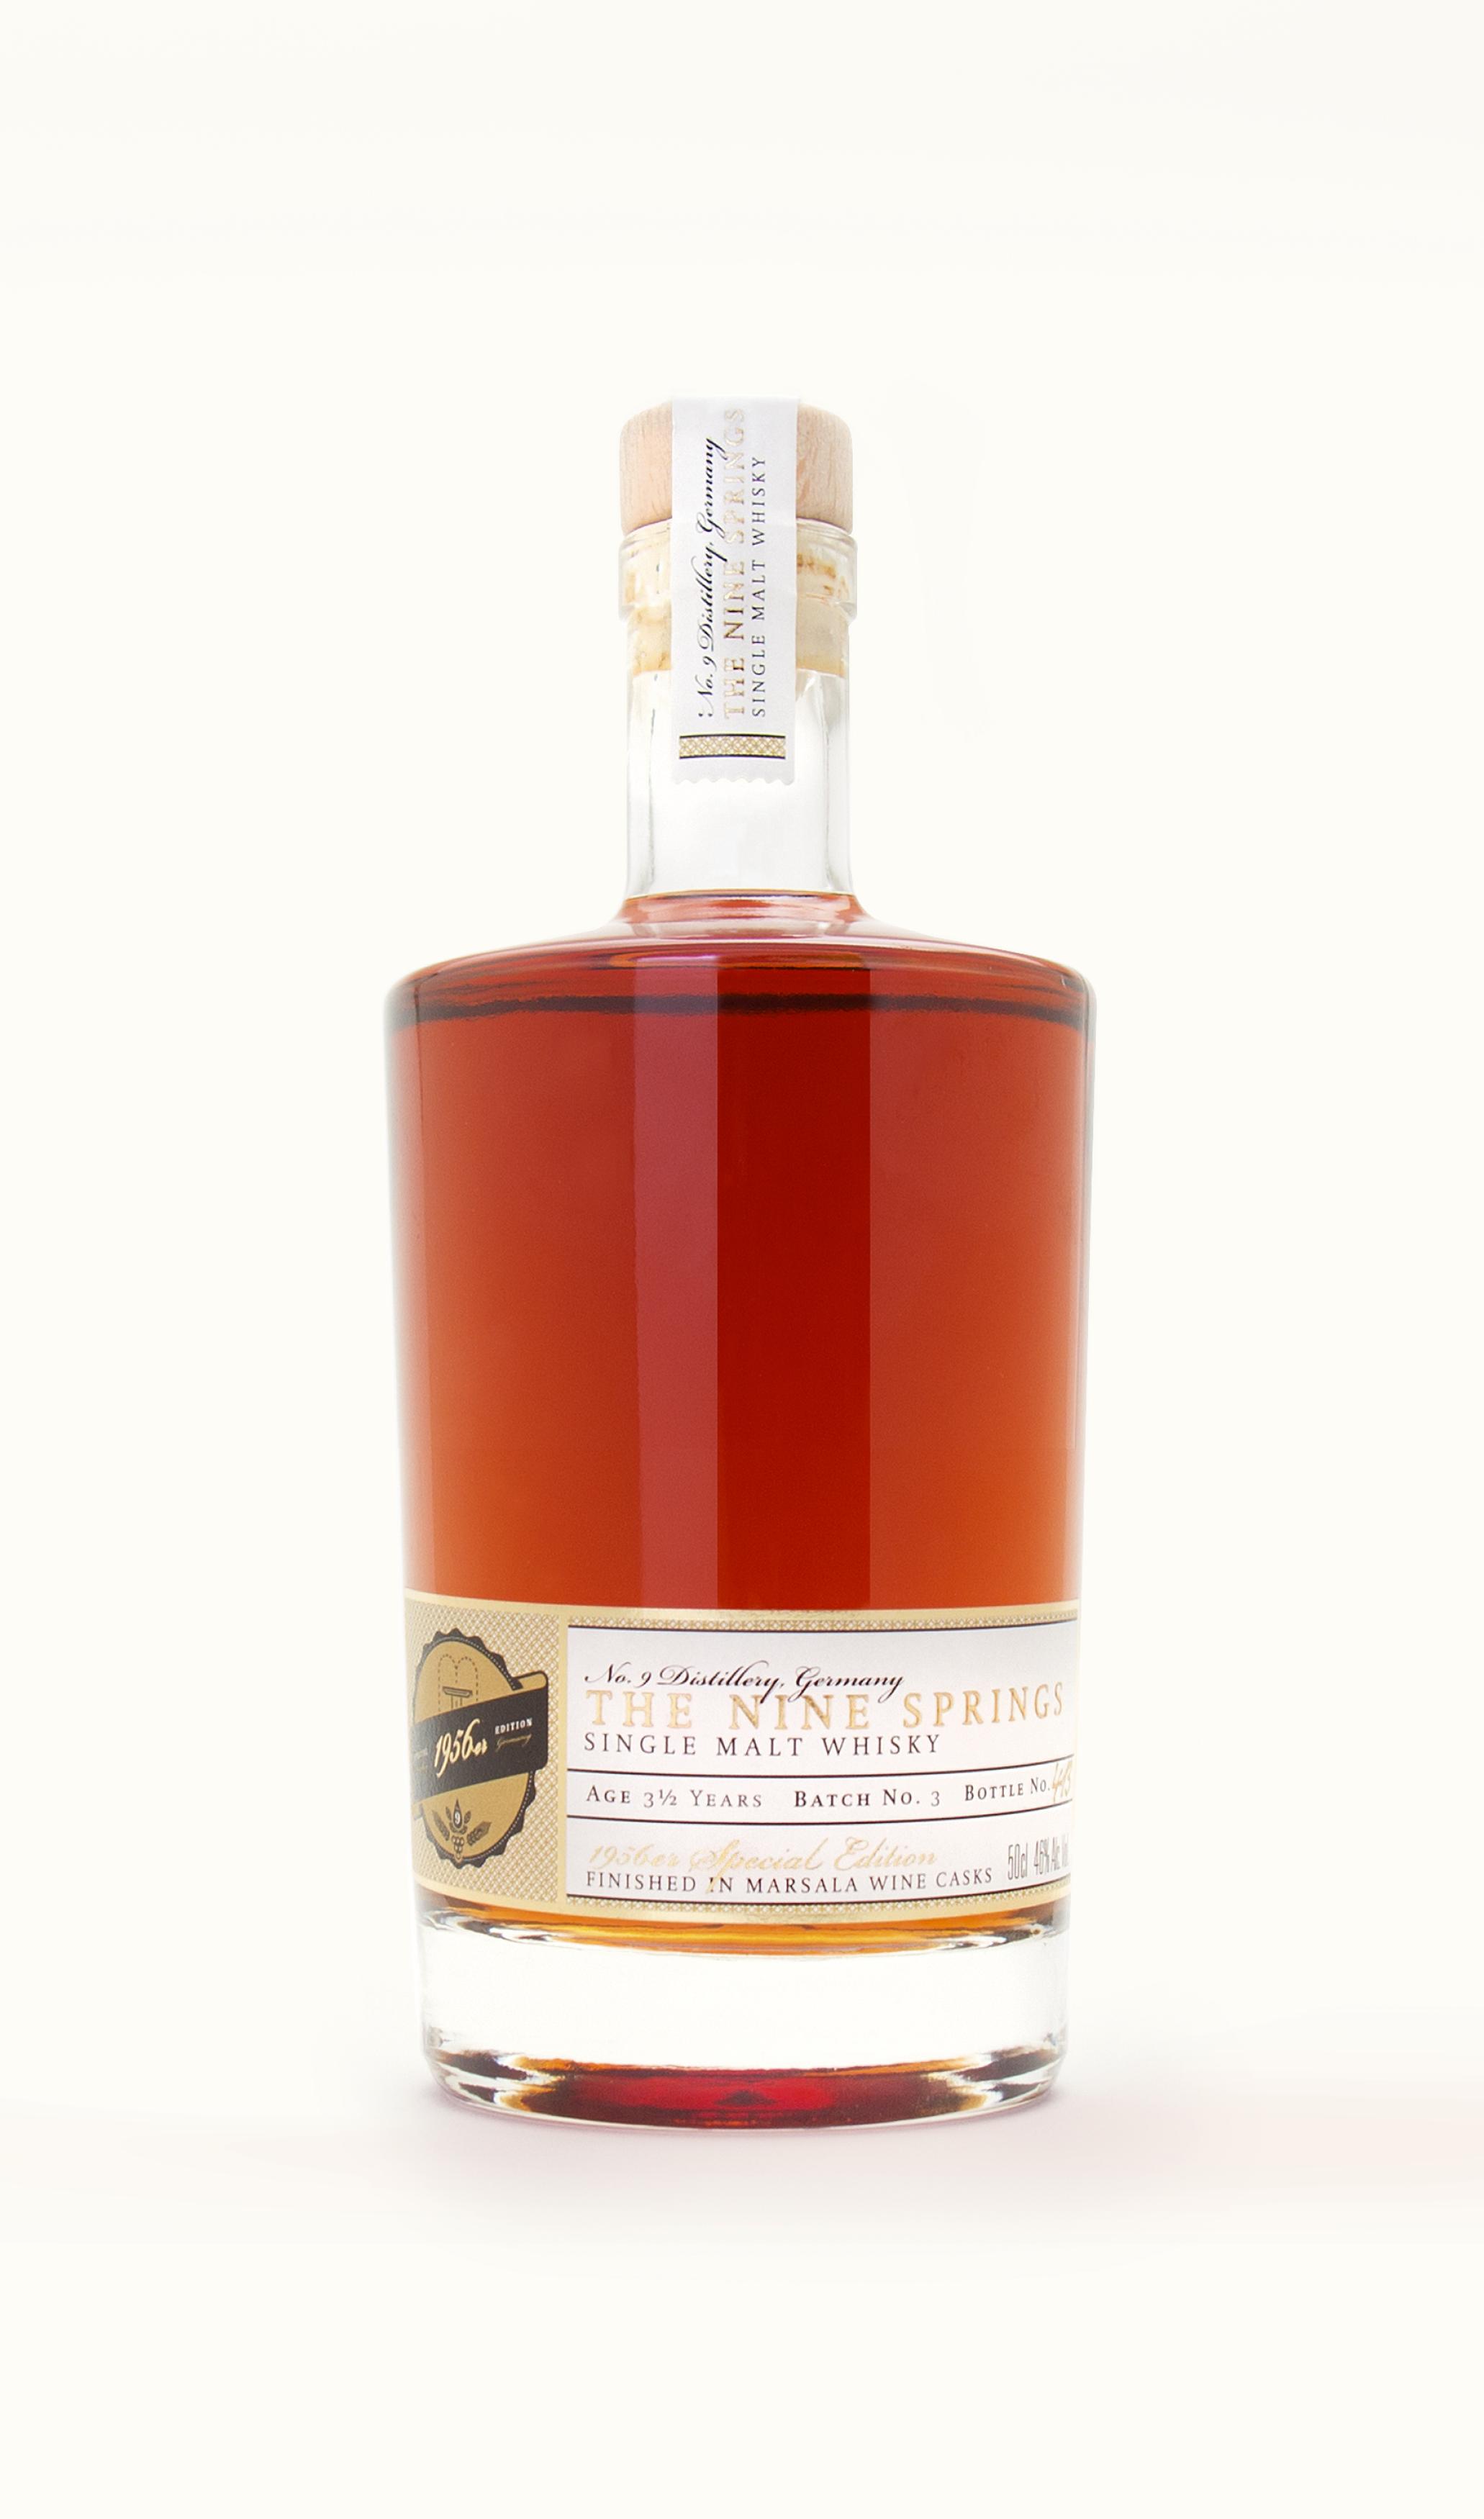 Die sons of ipanema, eine Design Agentur aus Köln, haben ein Verpackungsdesign für einen Special Edition Single Malt Whisky entwickelt (1956er)